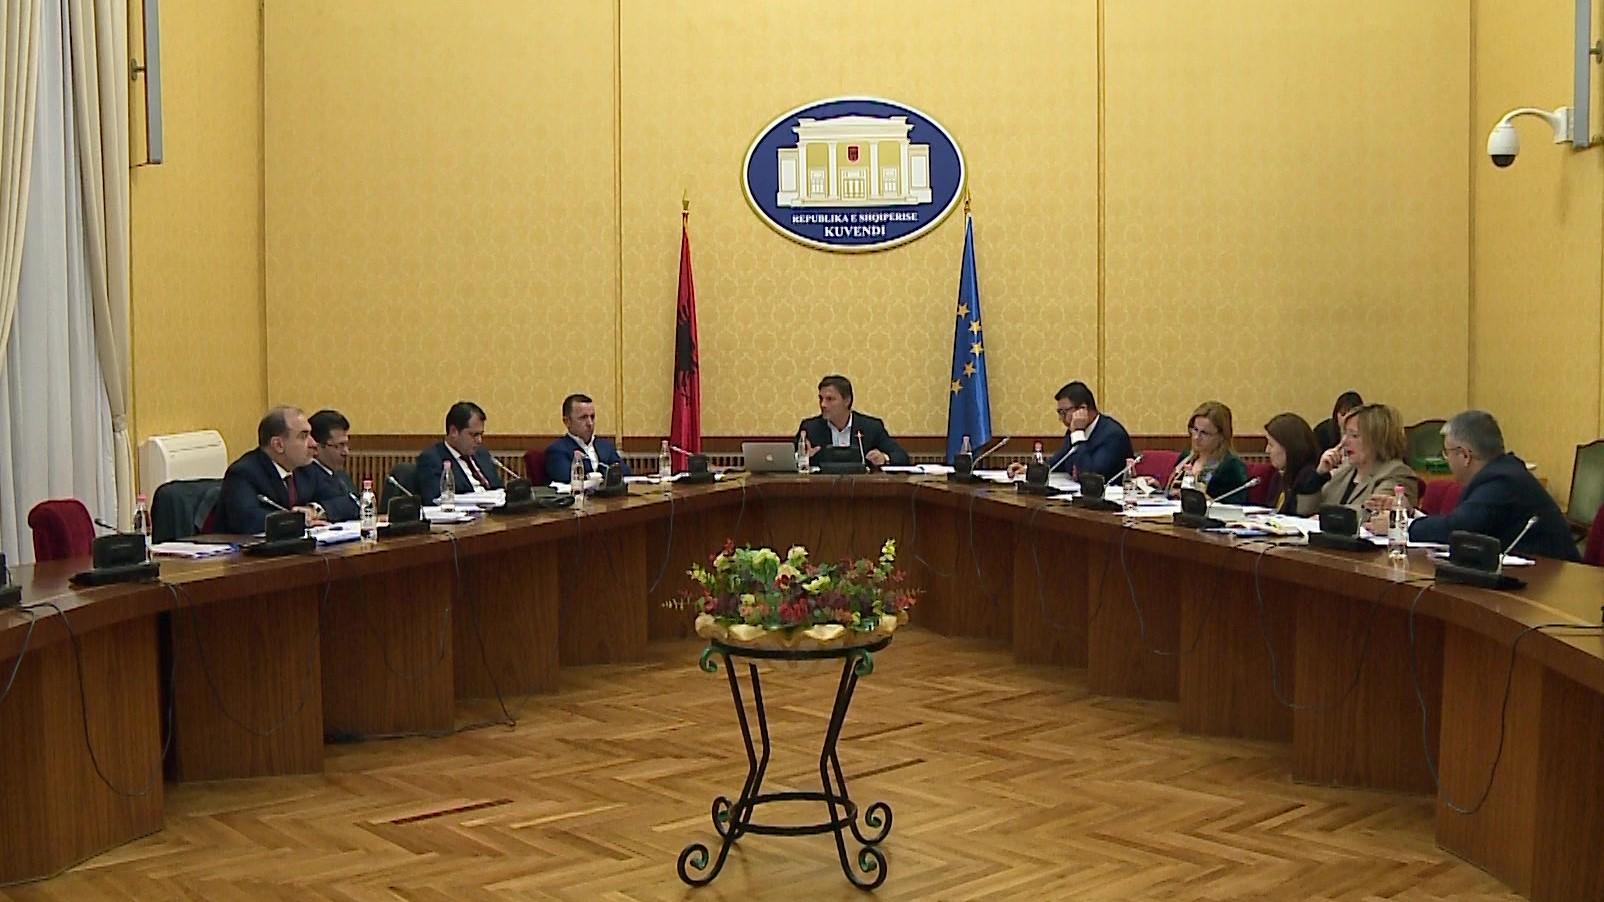 Këshilli i Legjislacionit vendos shqyrtimin e tre vendimeve të Gjykatës Kushtetueses